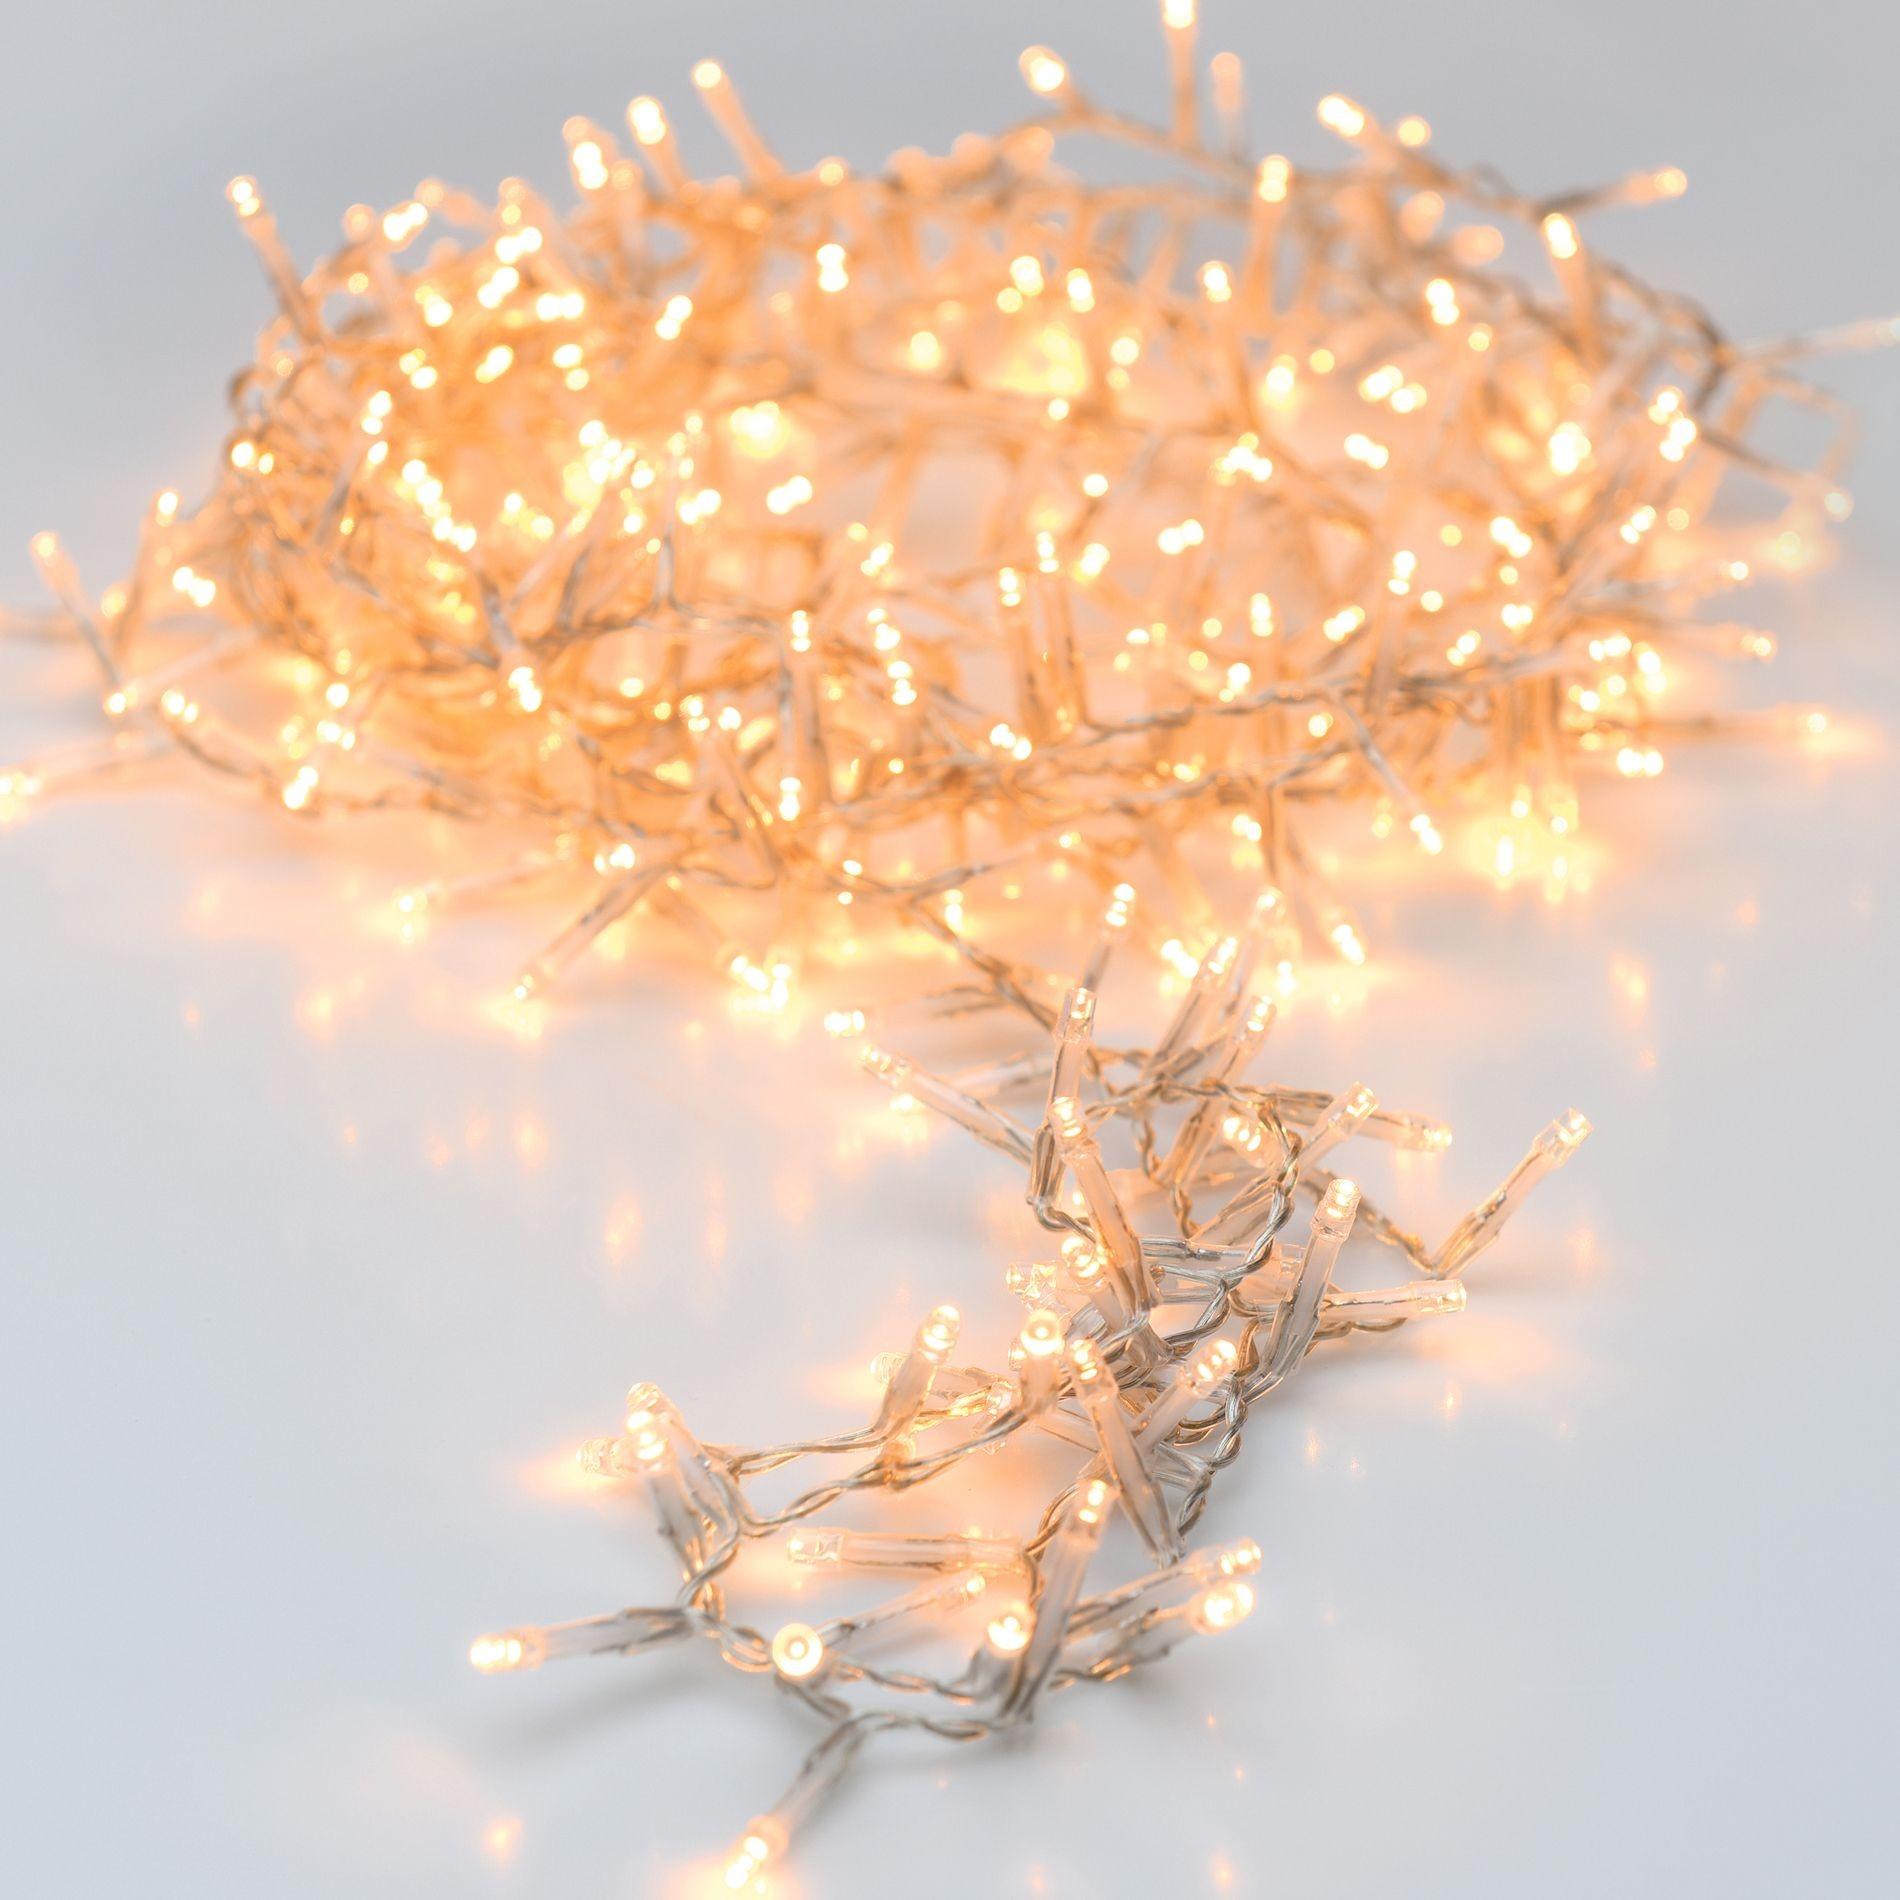 Guirlande lumineuse 16 m blanc chaud 800 leds